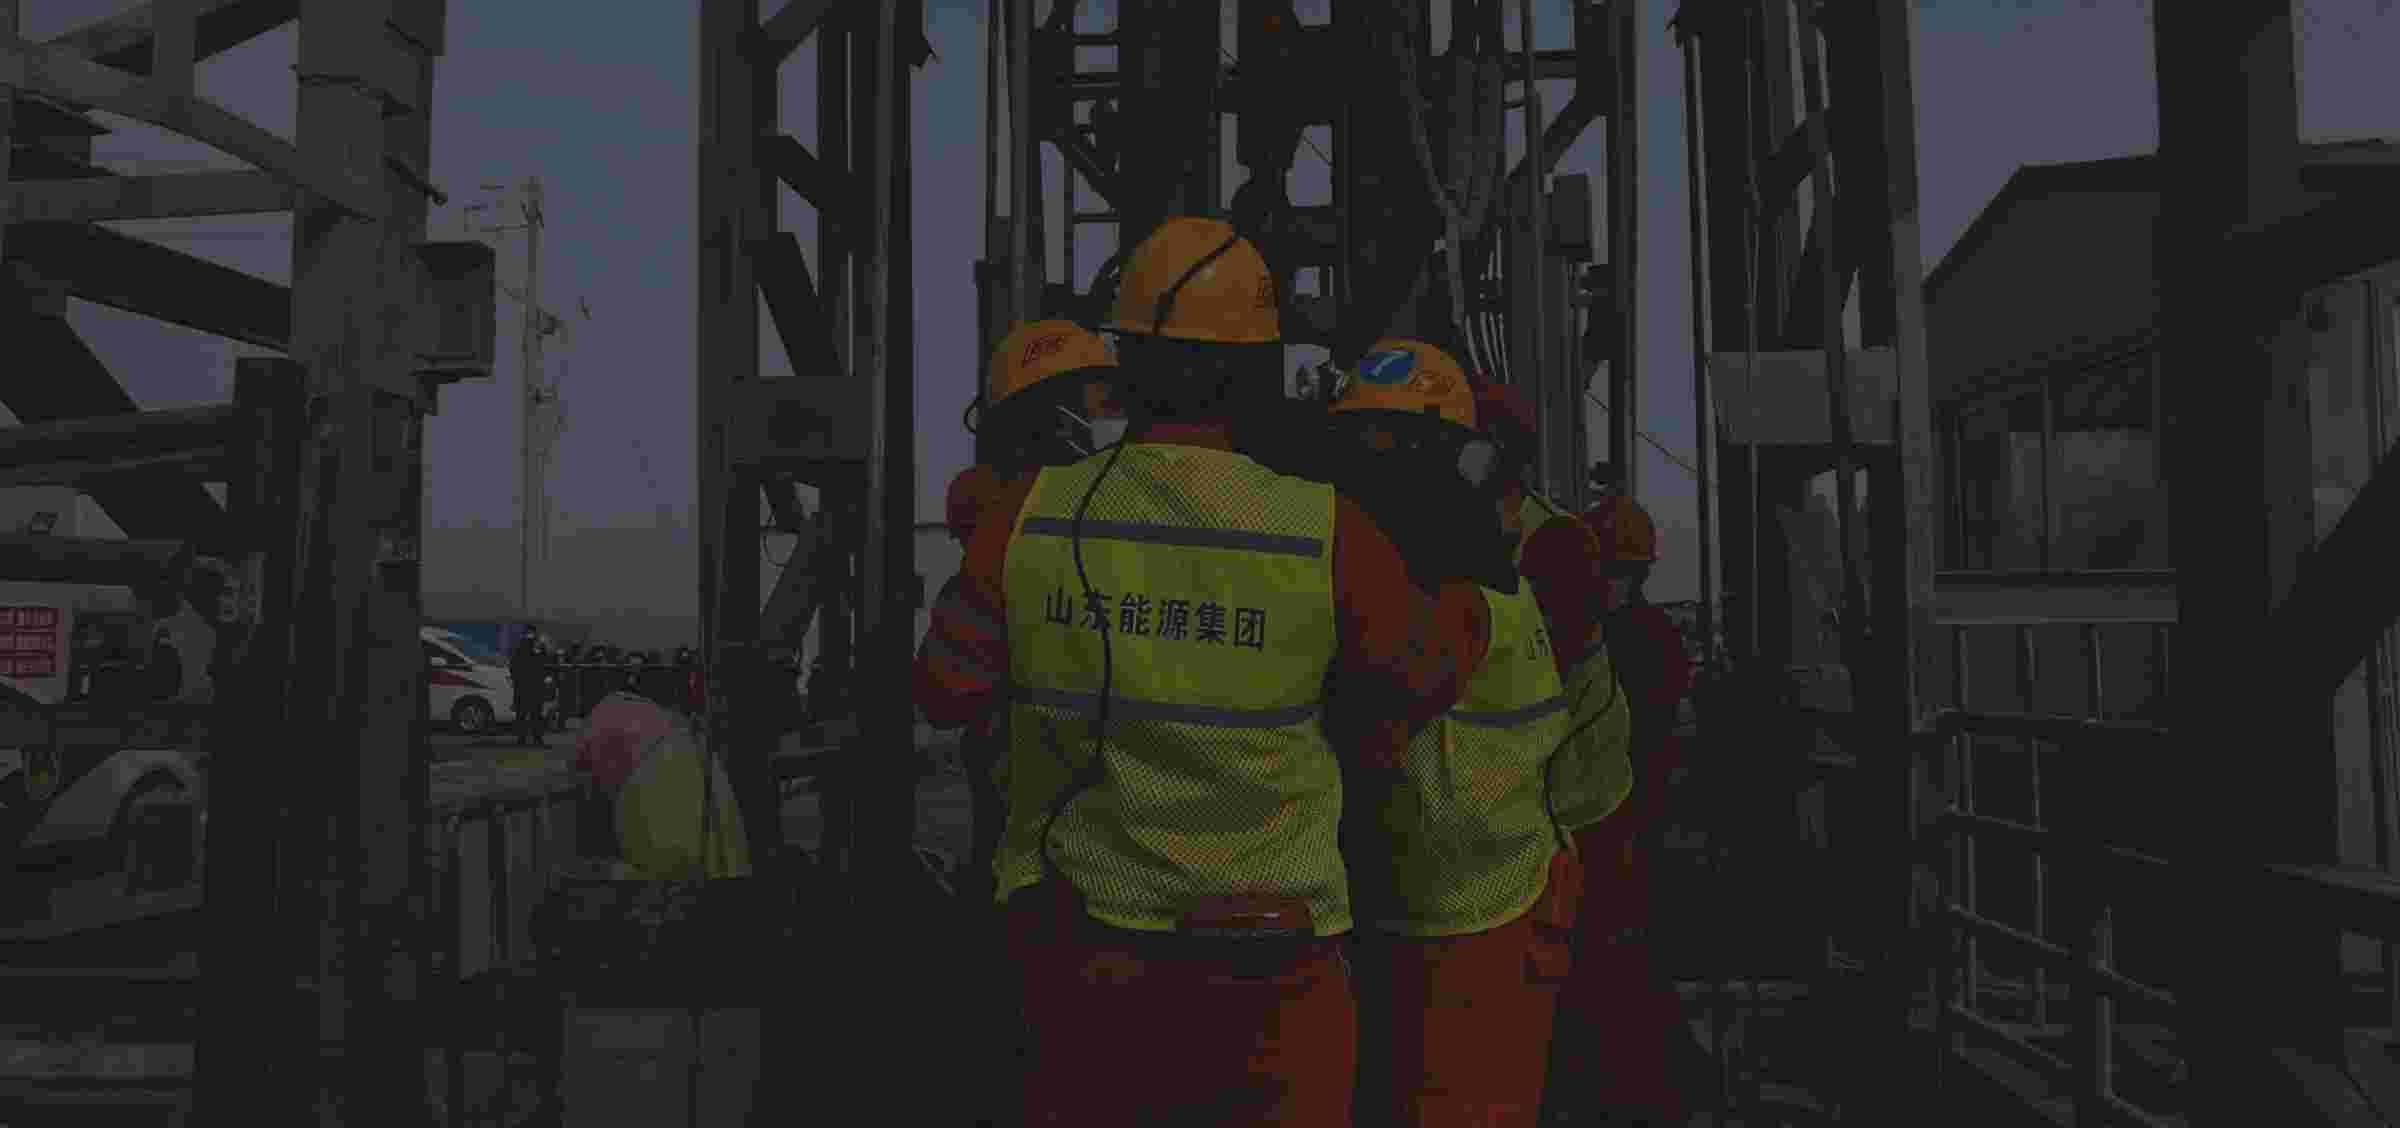 栖霞金矿救援第一名矿工成功升井,为此前失联十人中的一人